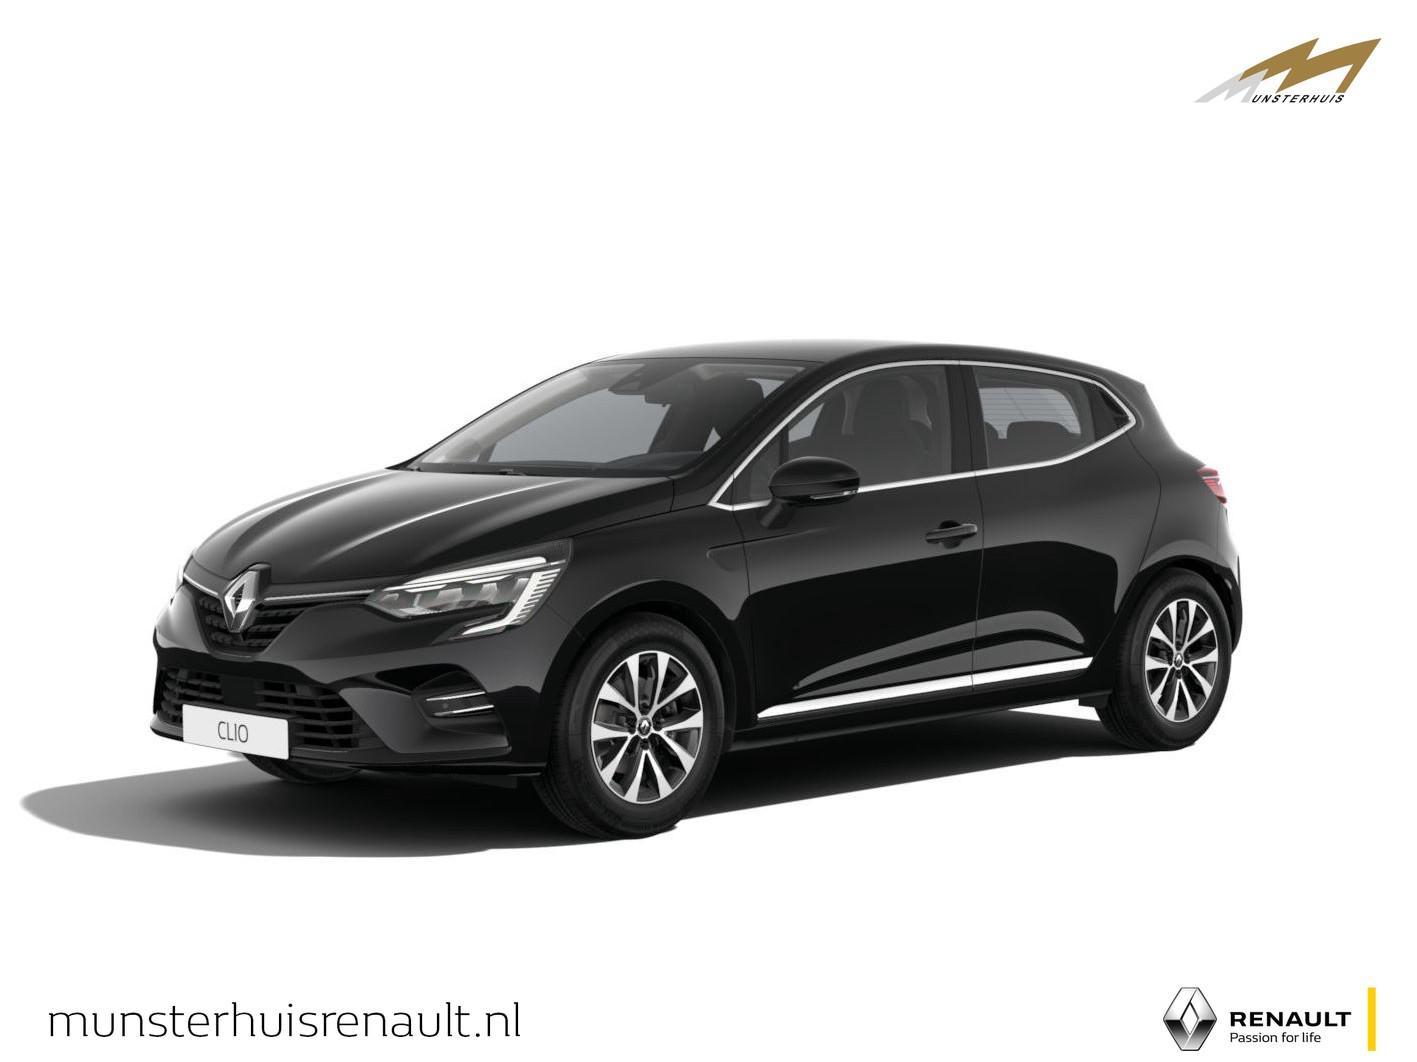 Renault Clio Tce 100 intens - nieuw - wordt verwacht